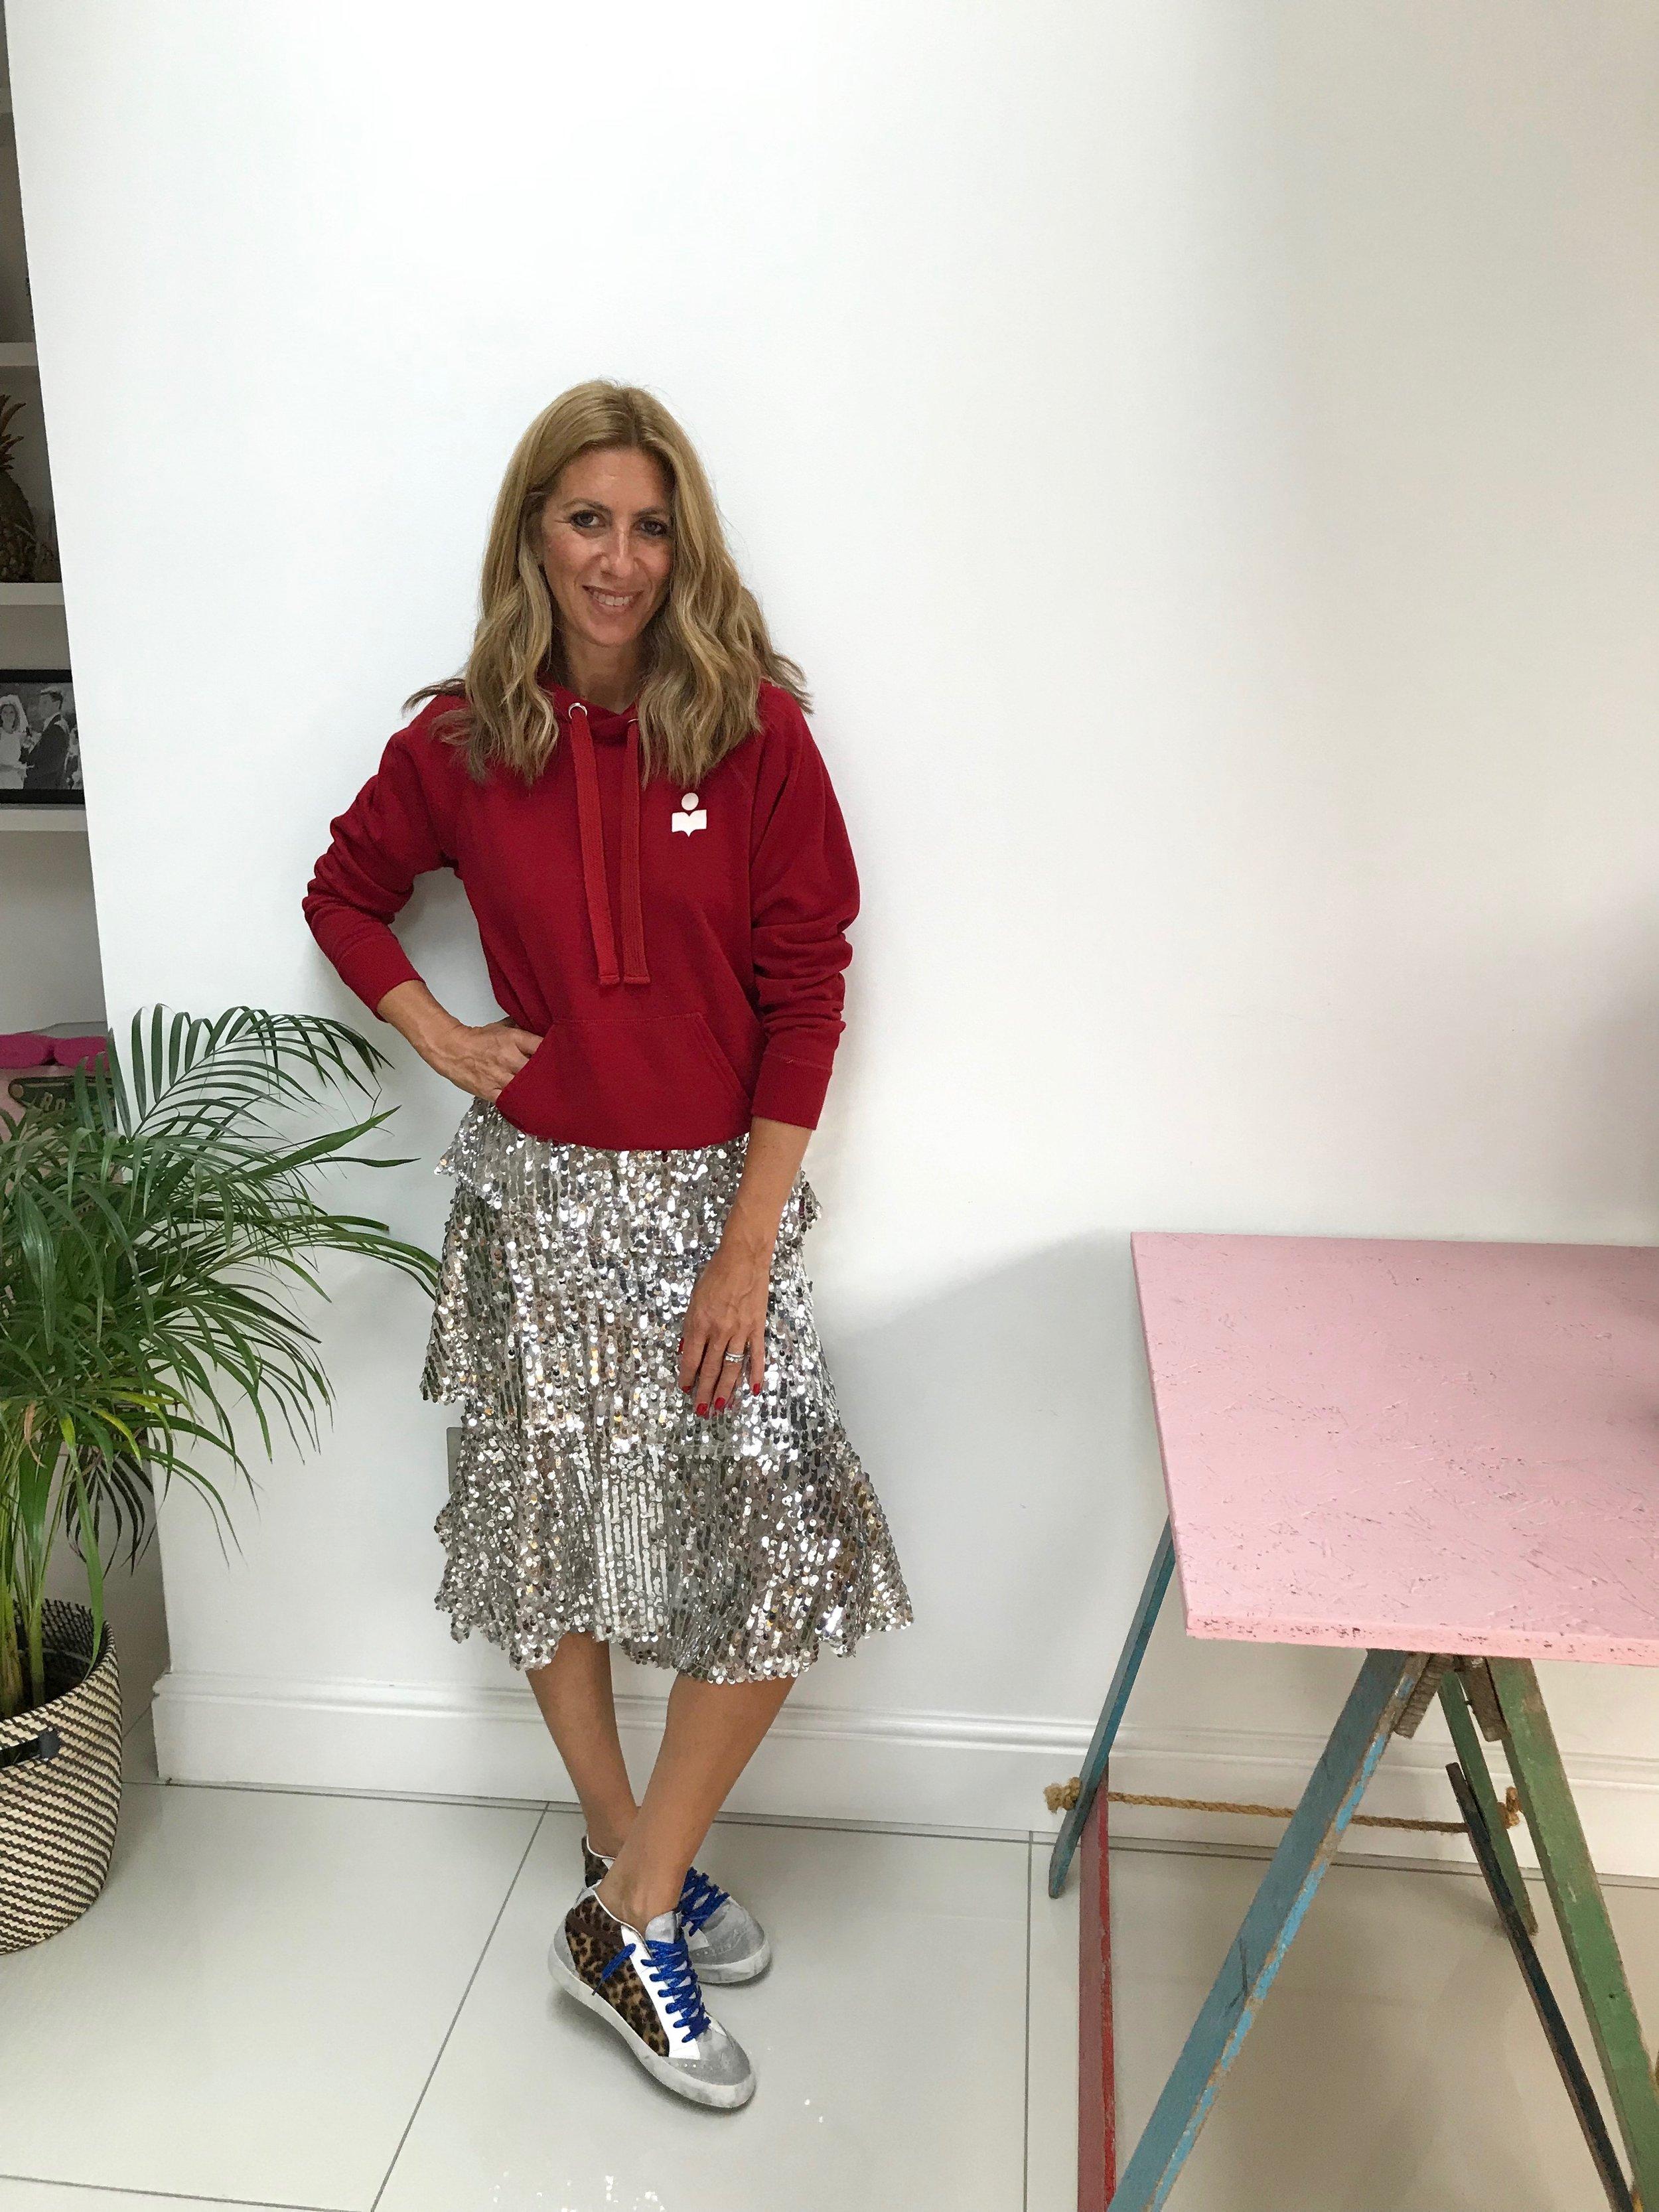 Jumper:  Isabel Marant Etoile  Skirt:  Zara  Trainers:  Golden Goose